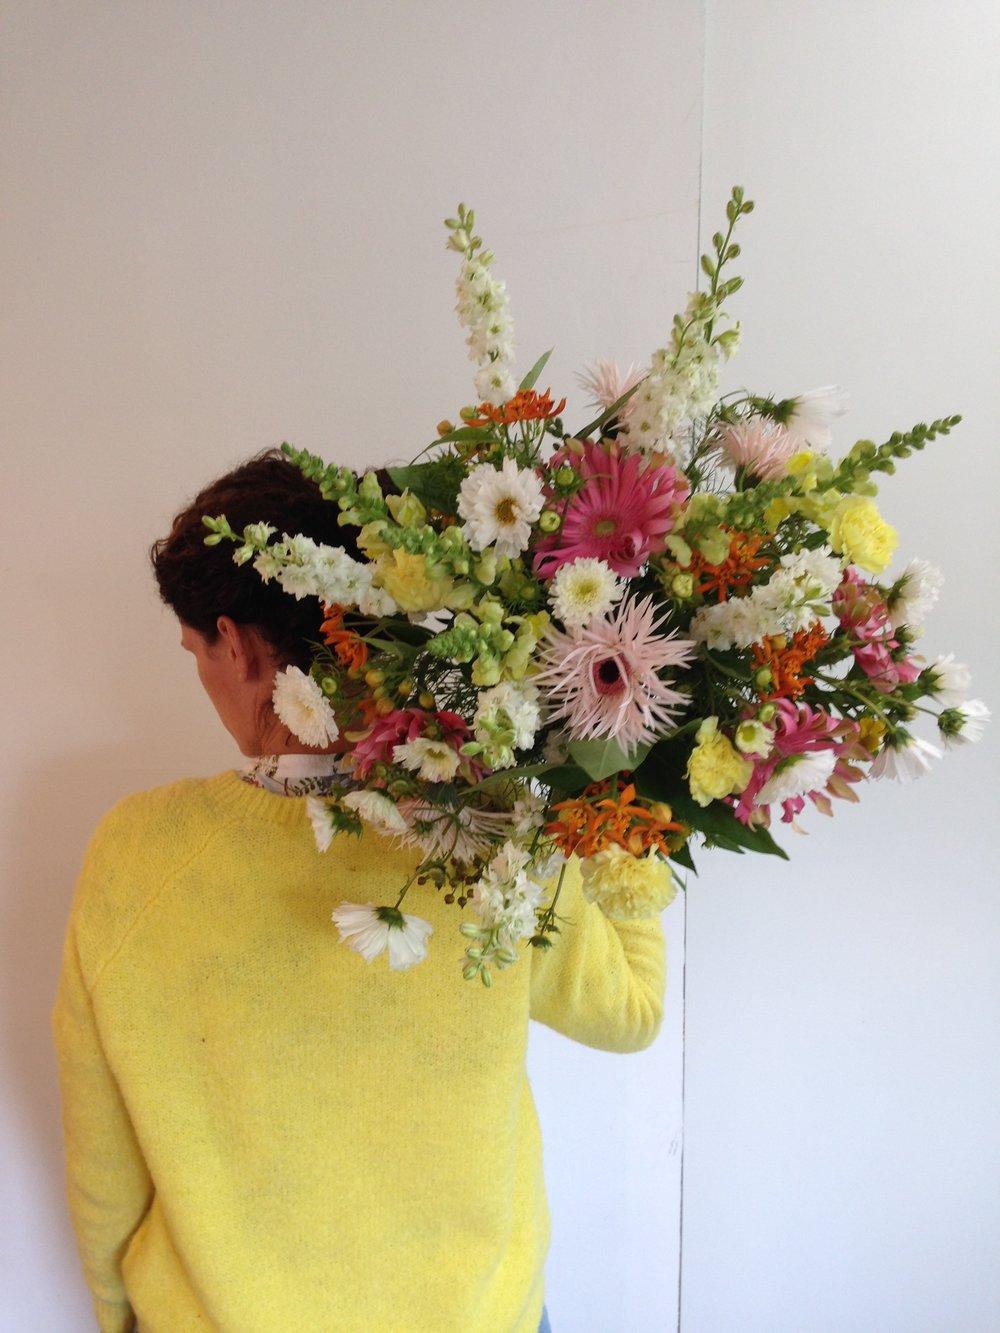 bloemen laten leveren? - bestel boeket